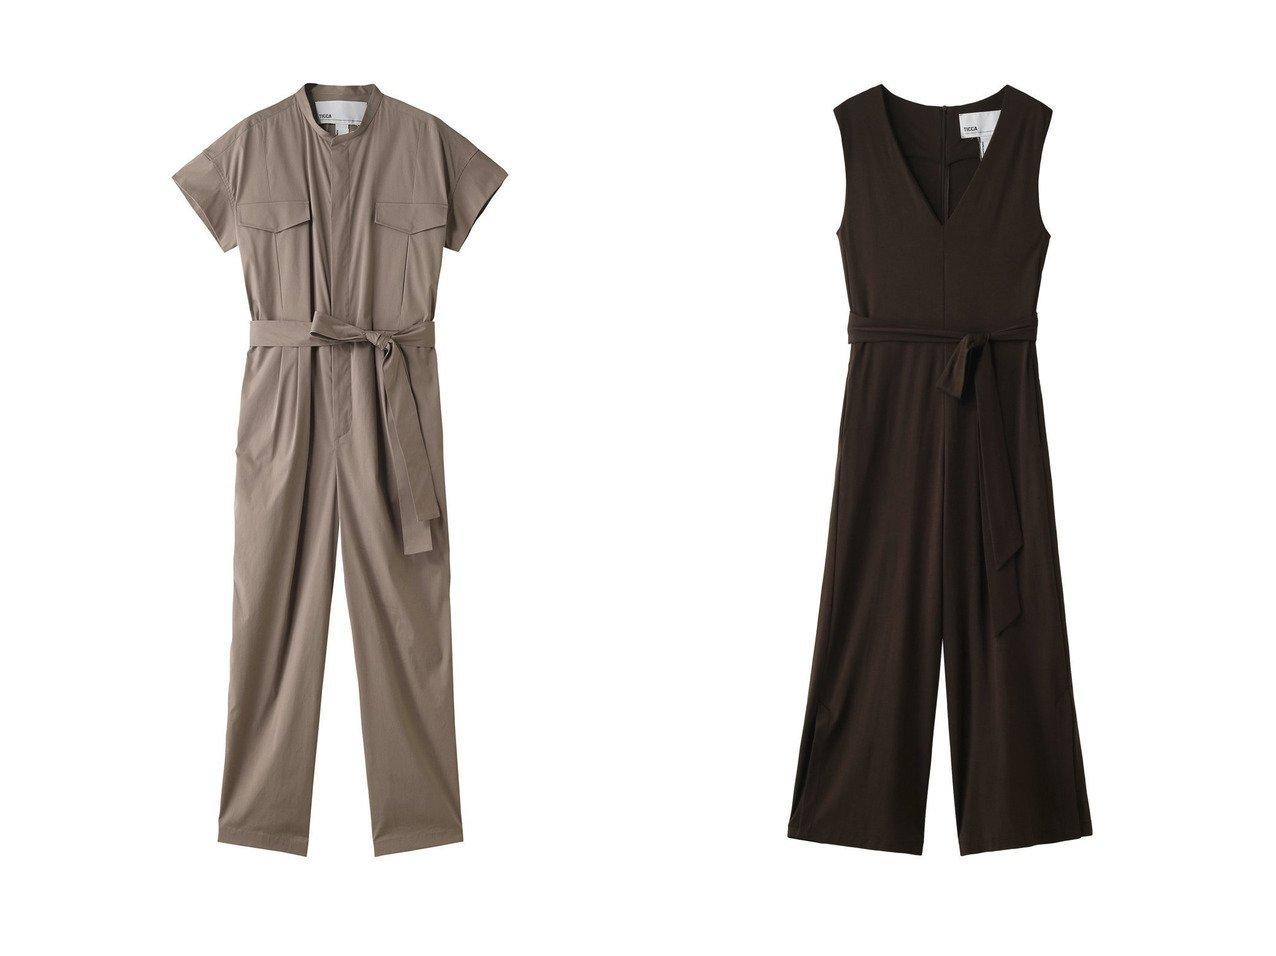 【TICCA/ティッカ】のコンビネゾン&コンビネゾン パンツのおすすめ!人気、トレンド・レディースファッションの通販 おすすめで人気の流行・トレンド、ファッションの通販商品 メンズファッション・キッズファッション・インテリア・家具・レディースファッション・服の通販 founy(ファニー) https://founy.com/ ファッション Fashion レディースファッション WOMEN パンツ Pants 2021年 2021 2021 春夏 S/S SS Spring/Summer 2021 S/S 春夏 SS Spring/Summer コンビネゾン シェイプ フロント ポケット 春 Spring  ID:crp329100000014953